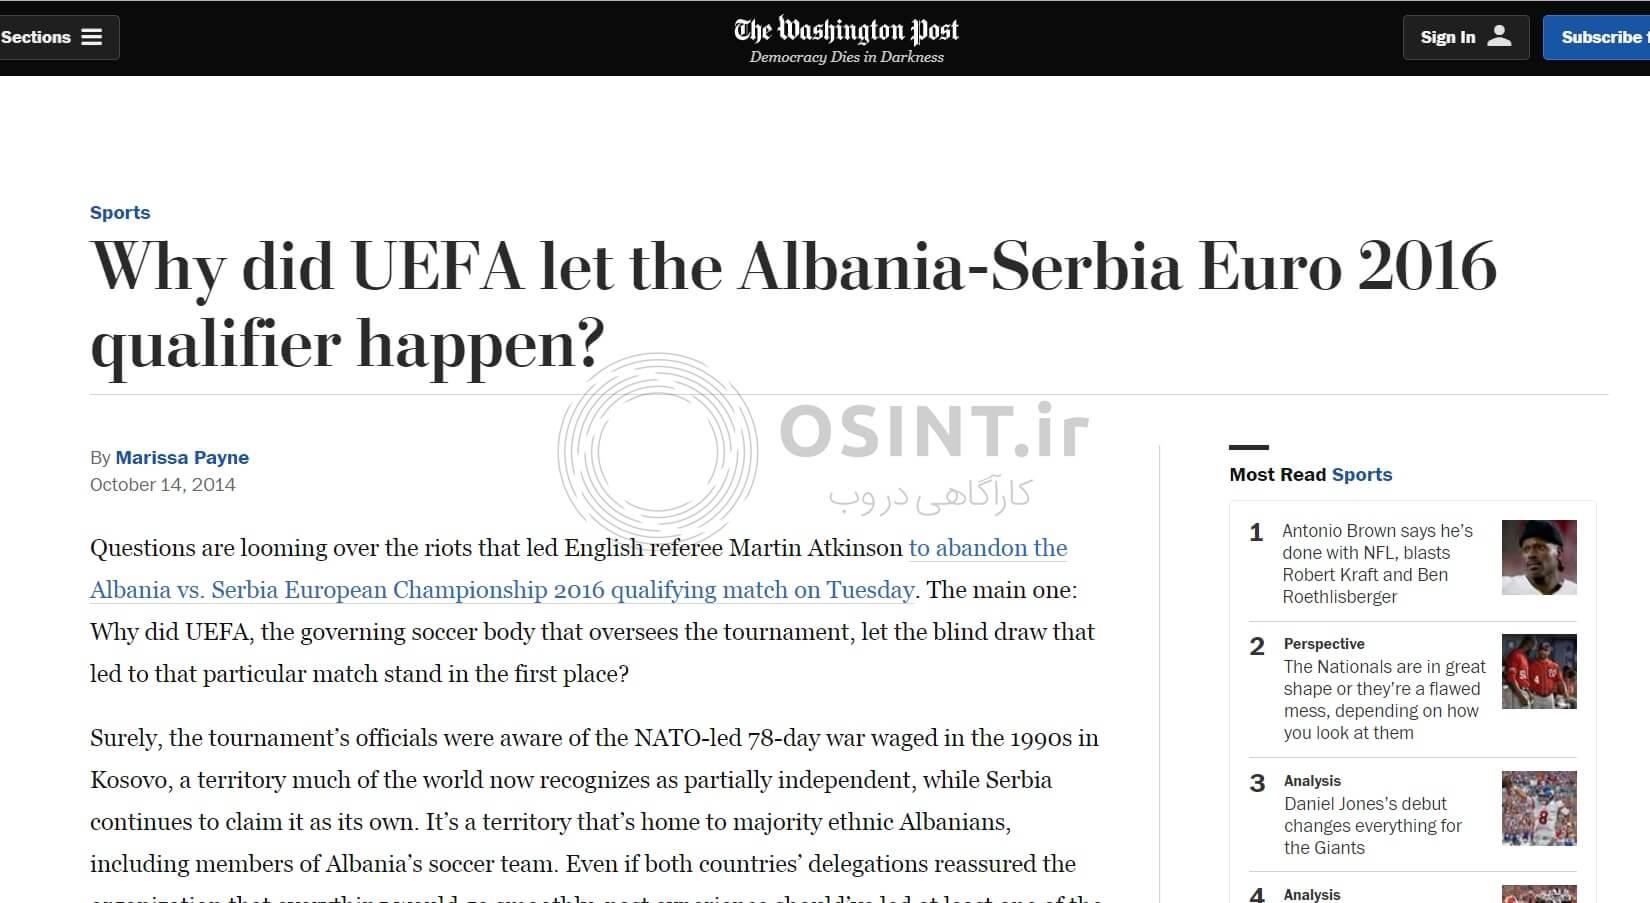 انتقاد از برگزاری دیدار صربستان و آلبانی